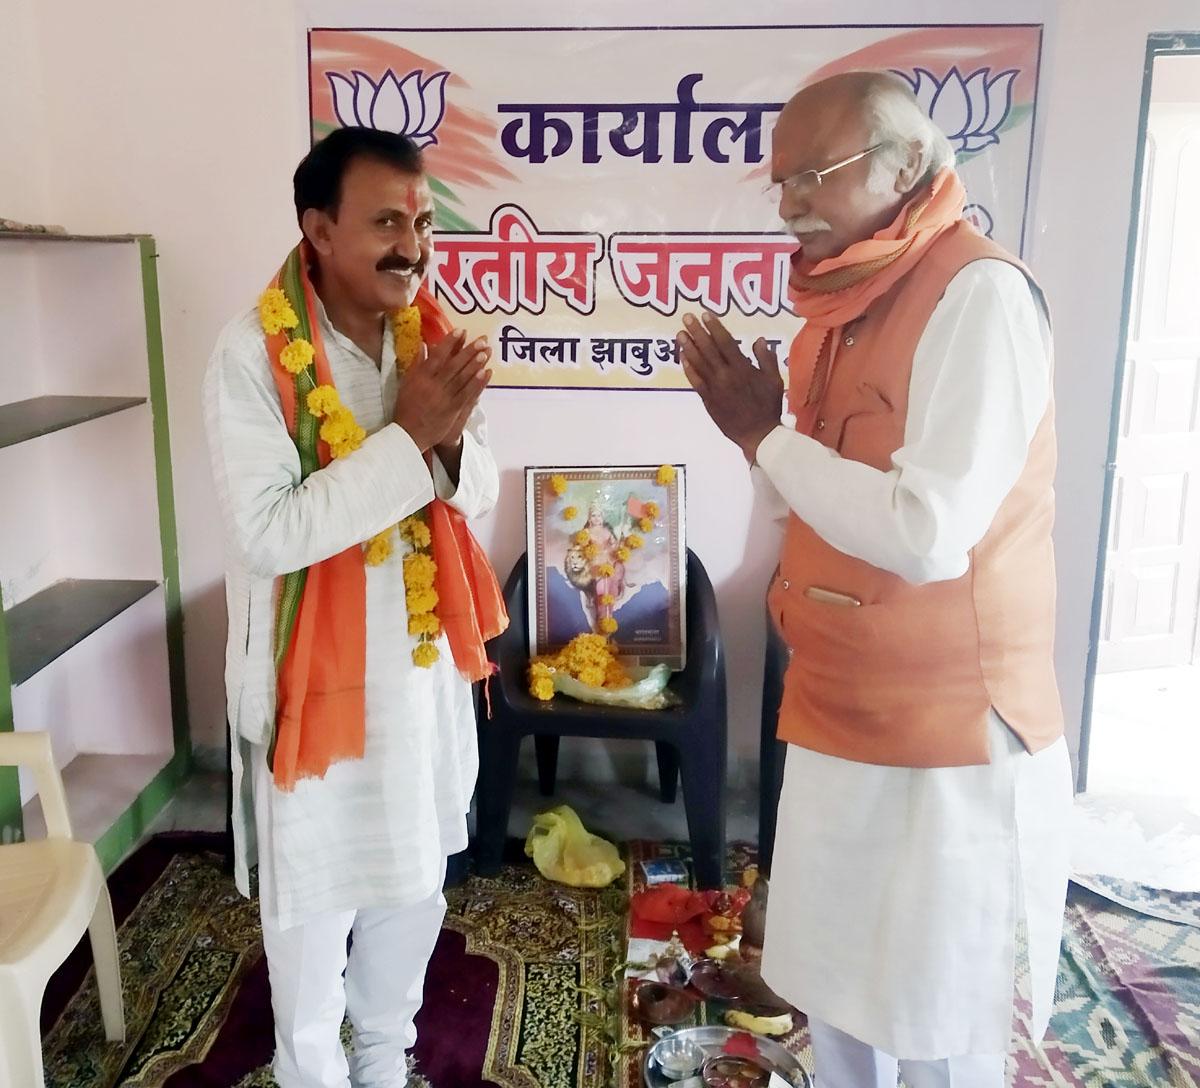 Jhabua News- भाजपा के नवीन जिला कार्यालय का शुभारंभ